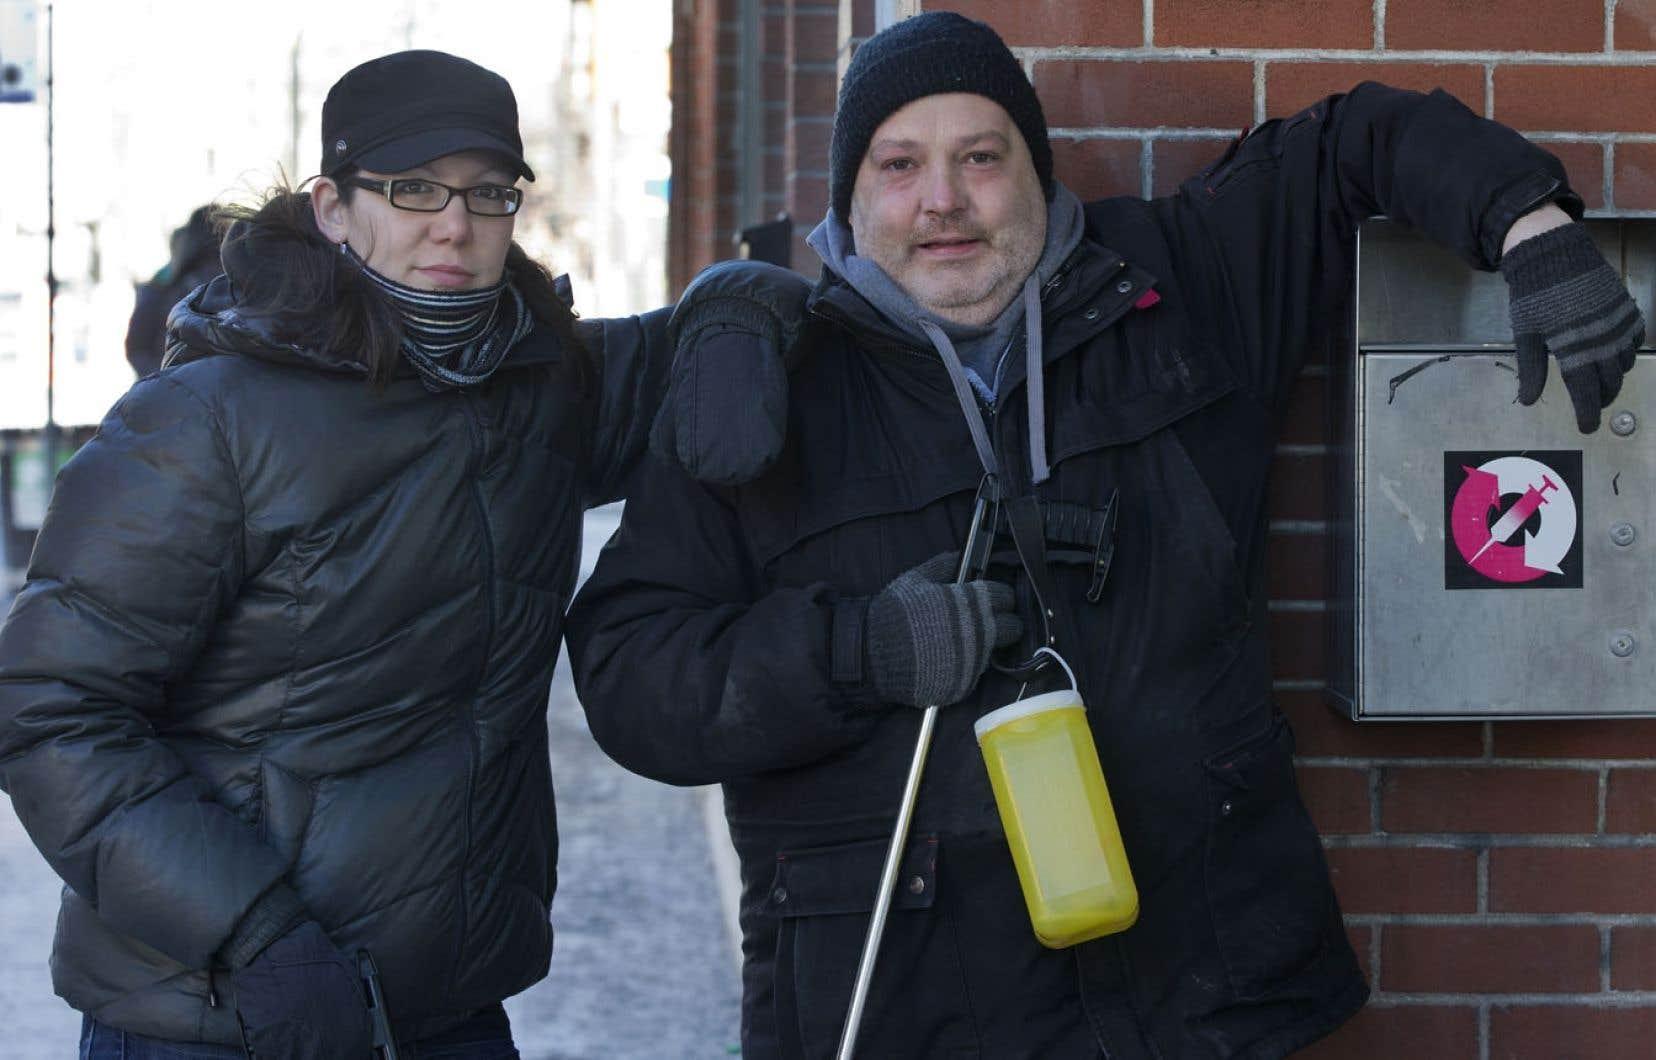 Les intervenants de rue Sophie Auger et Stéphane Royer marchent dans le quartier, parlent aux résidants, conseillent les jeunes toxicomanes et ramassent les seringues abandonnées par les junkies.